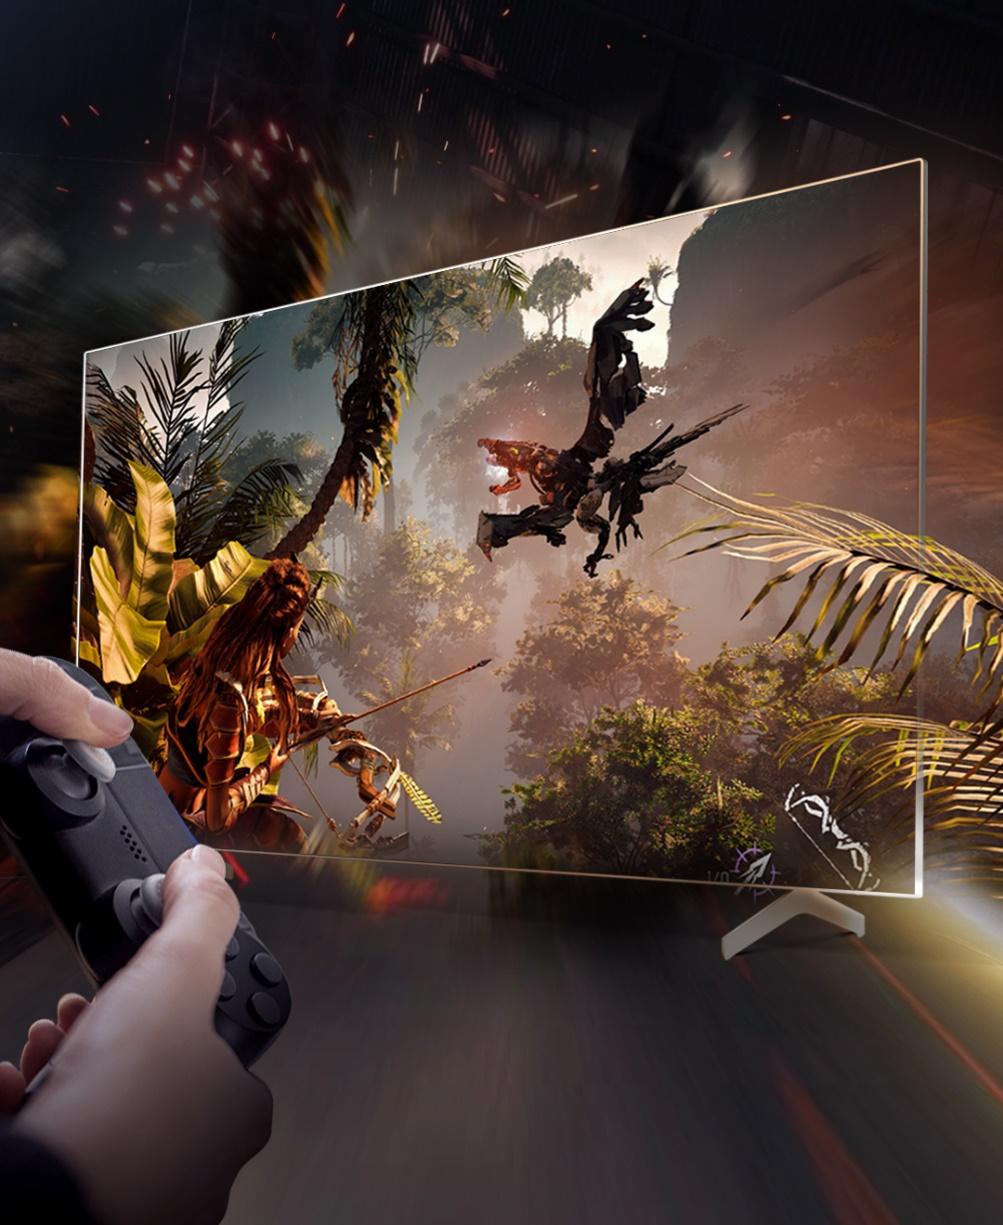 120Hz丝滑流畅体验! 索尼发布真游戏电视X9100H系列